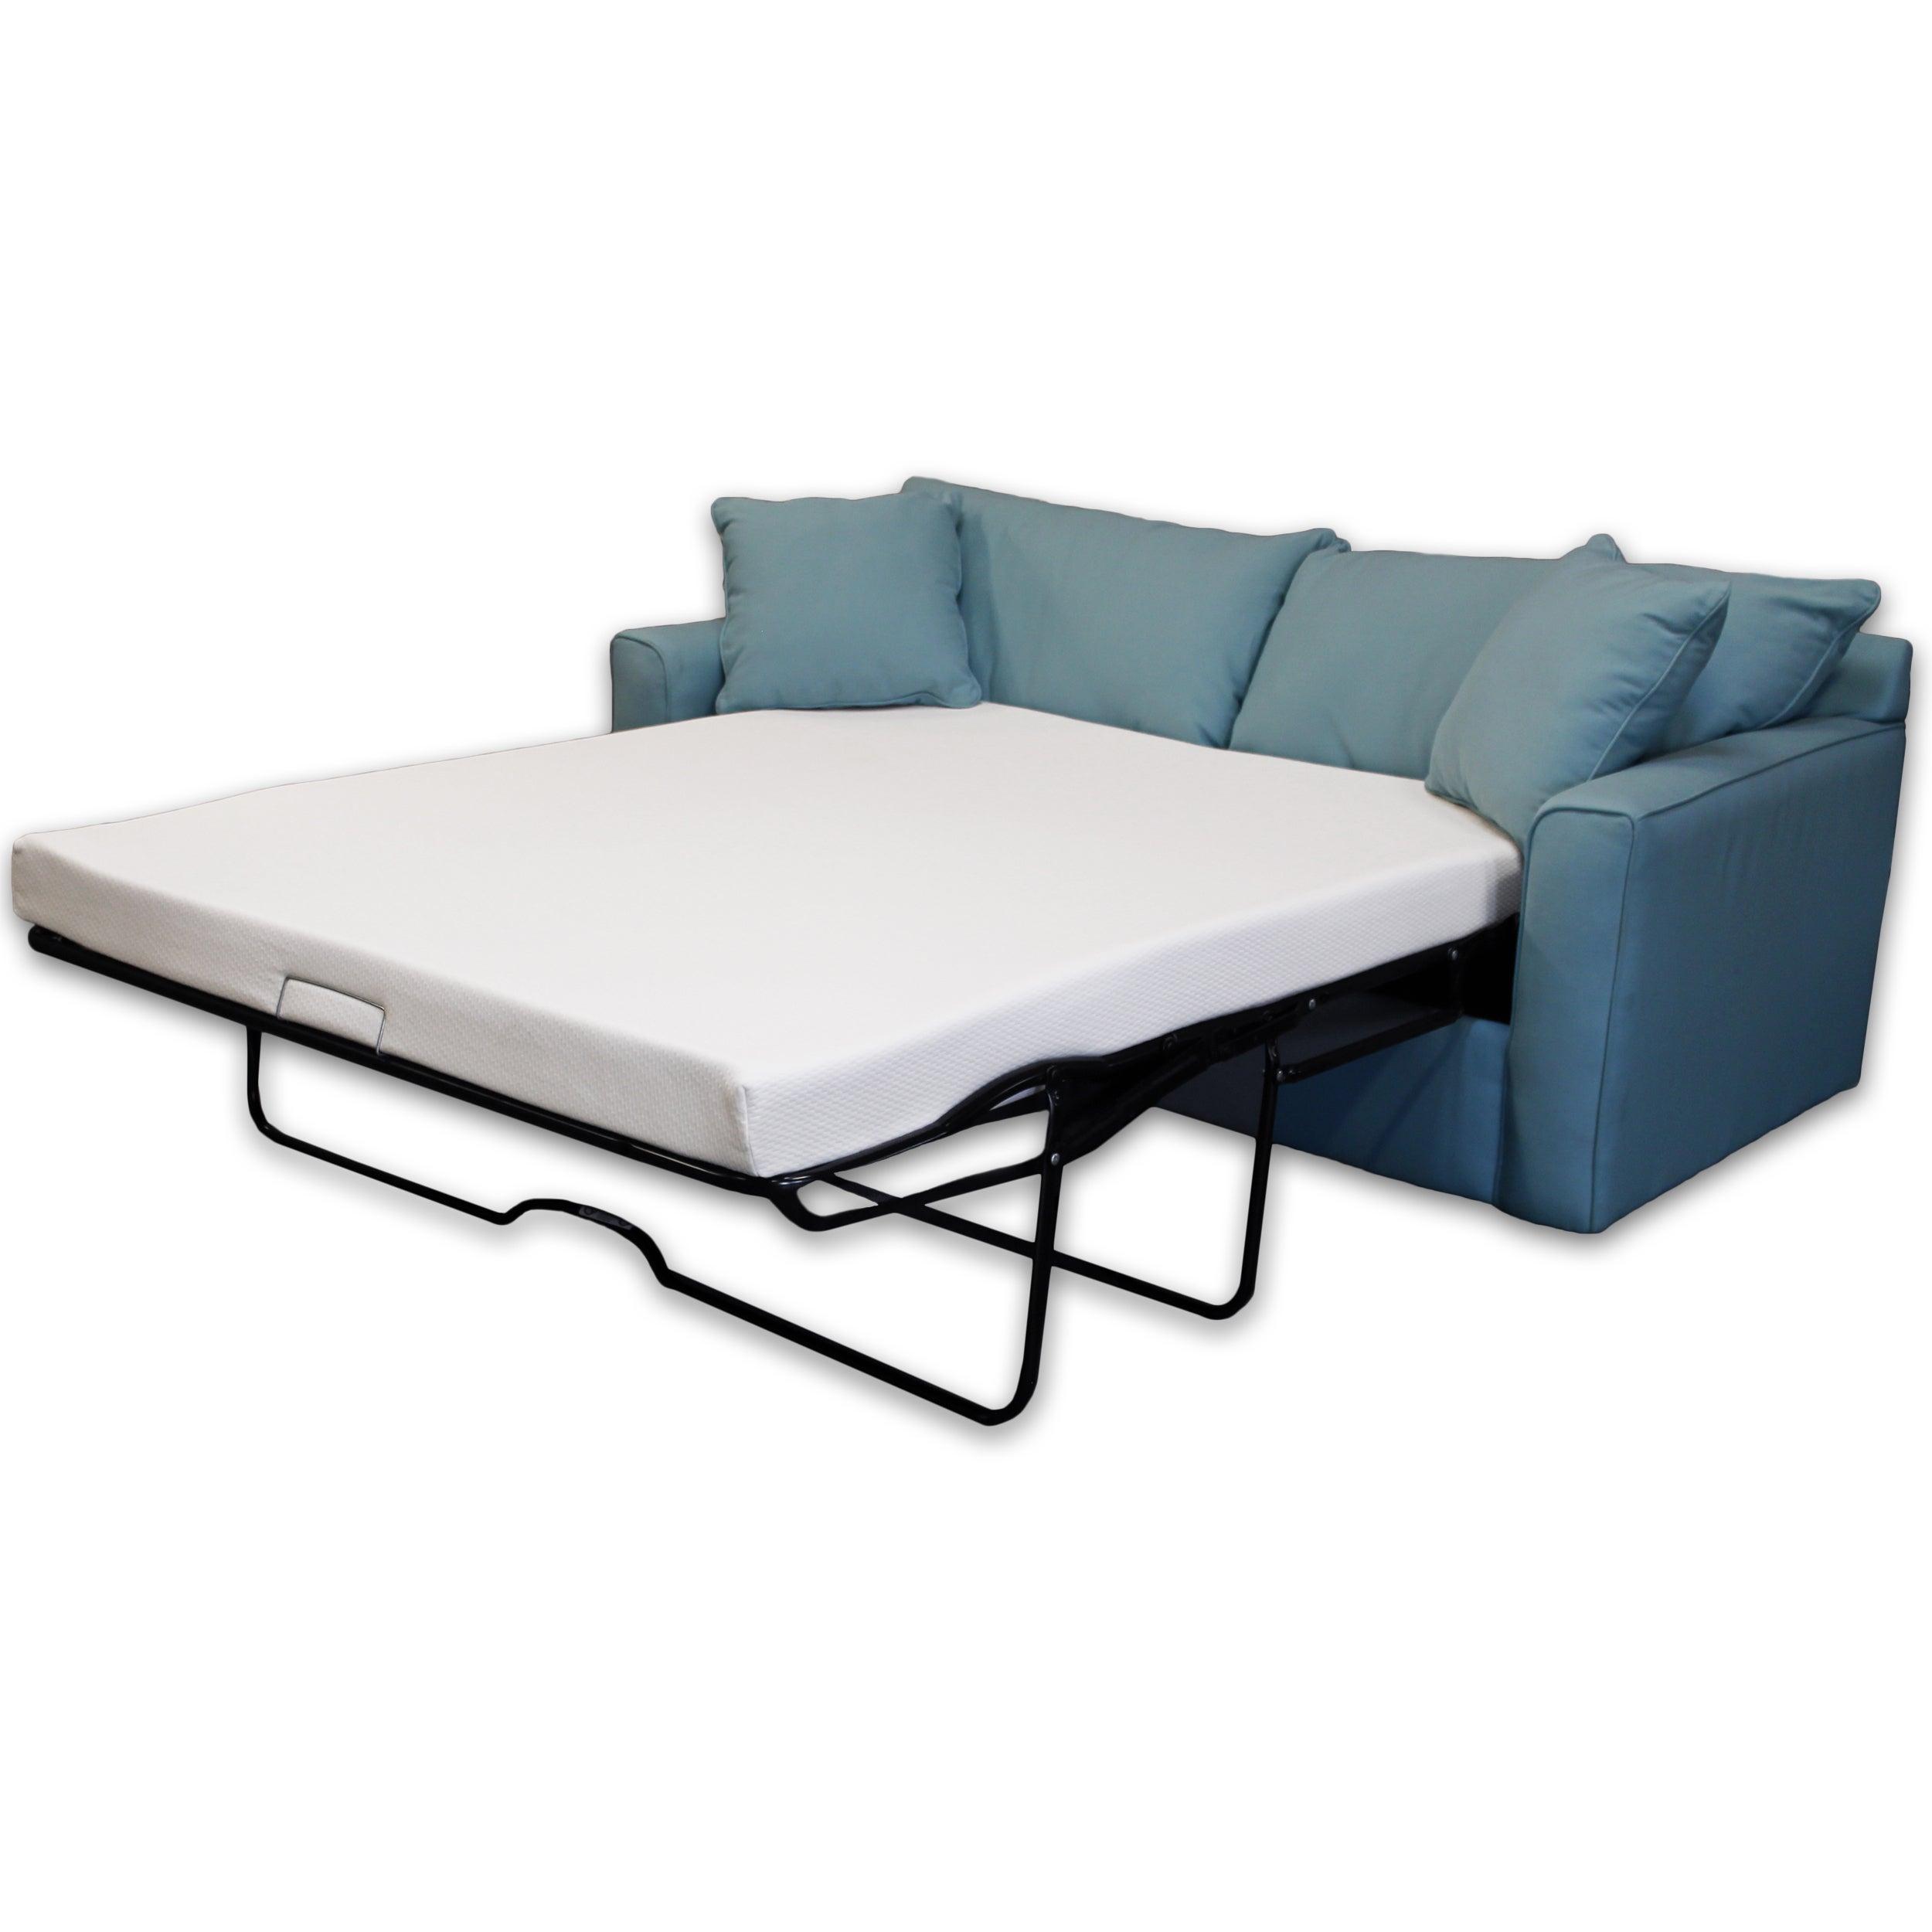 bed mattress bed mattress cost